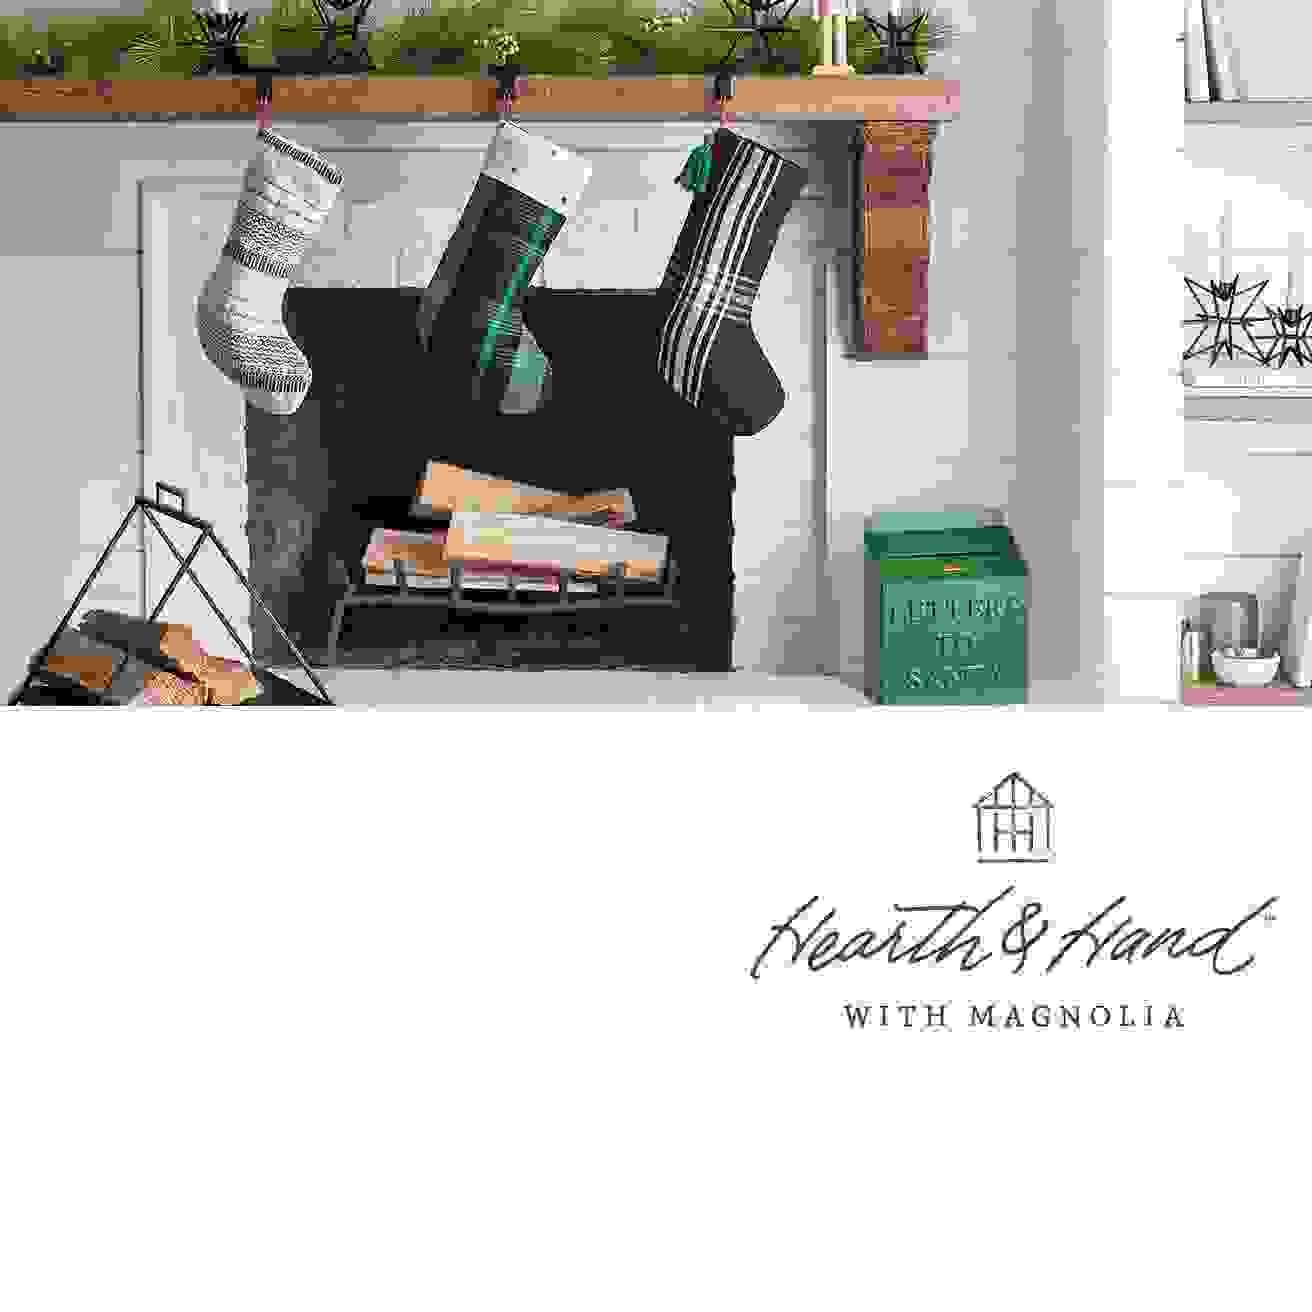 indoor christmas decorations target. Black Bedroom Furniture Sets. Home Design Ideas